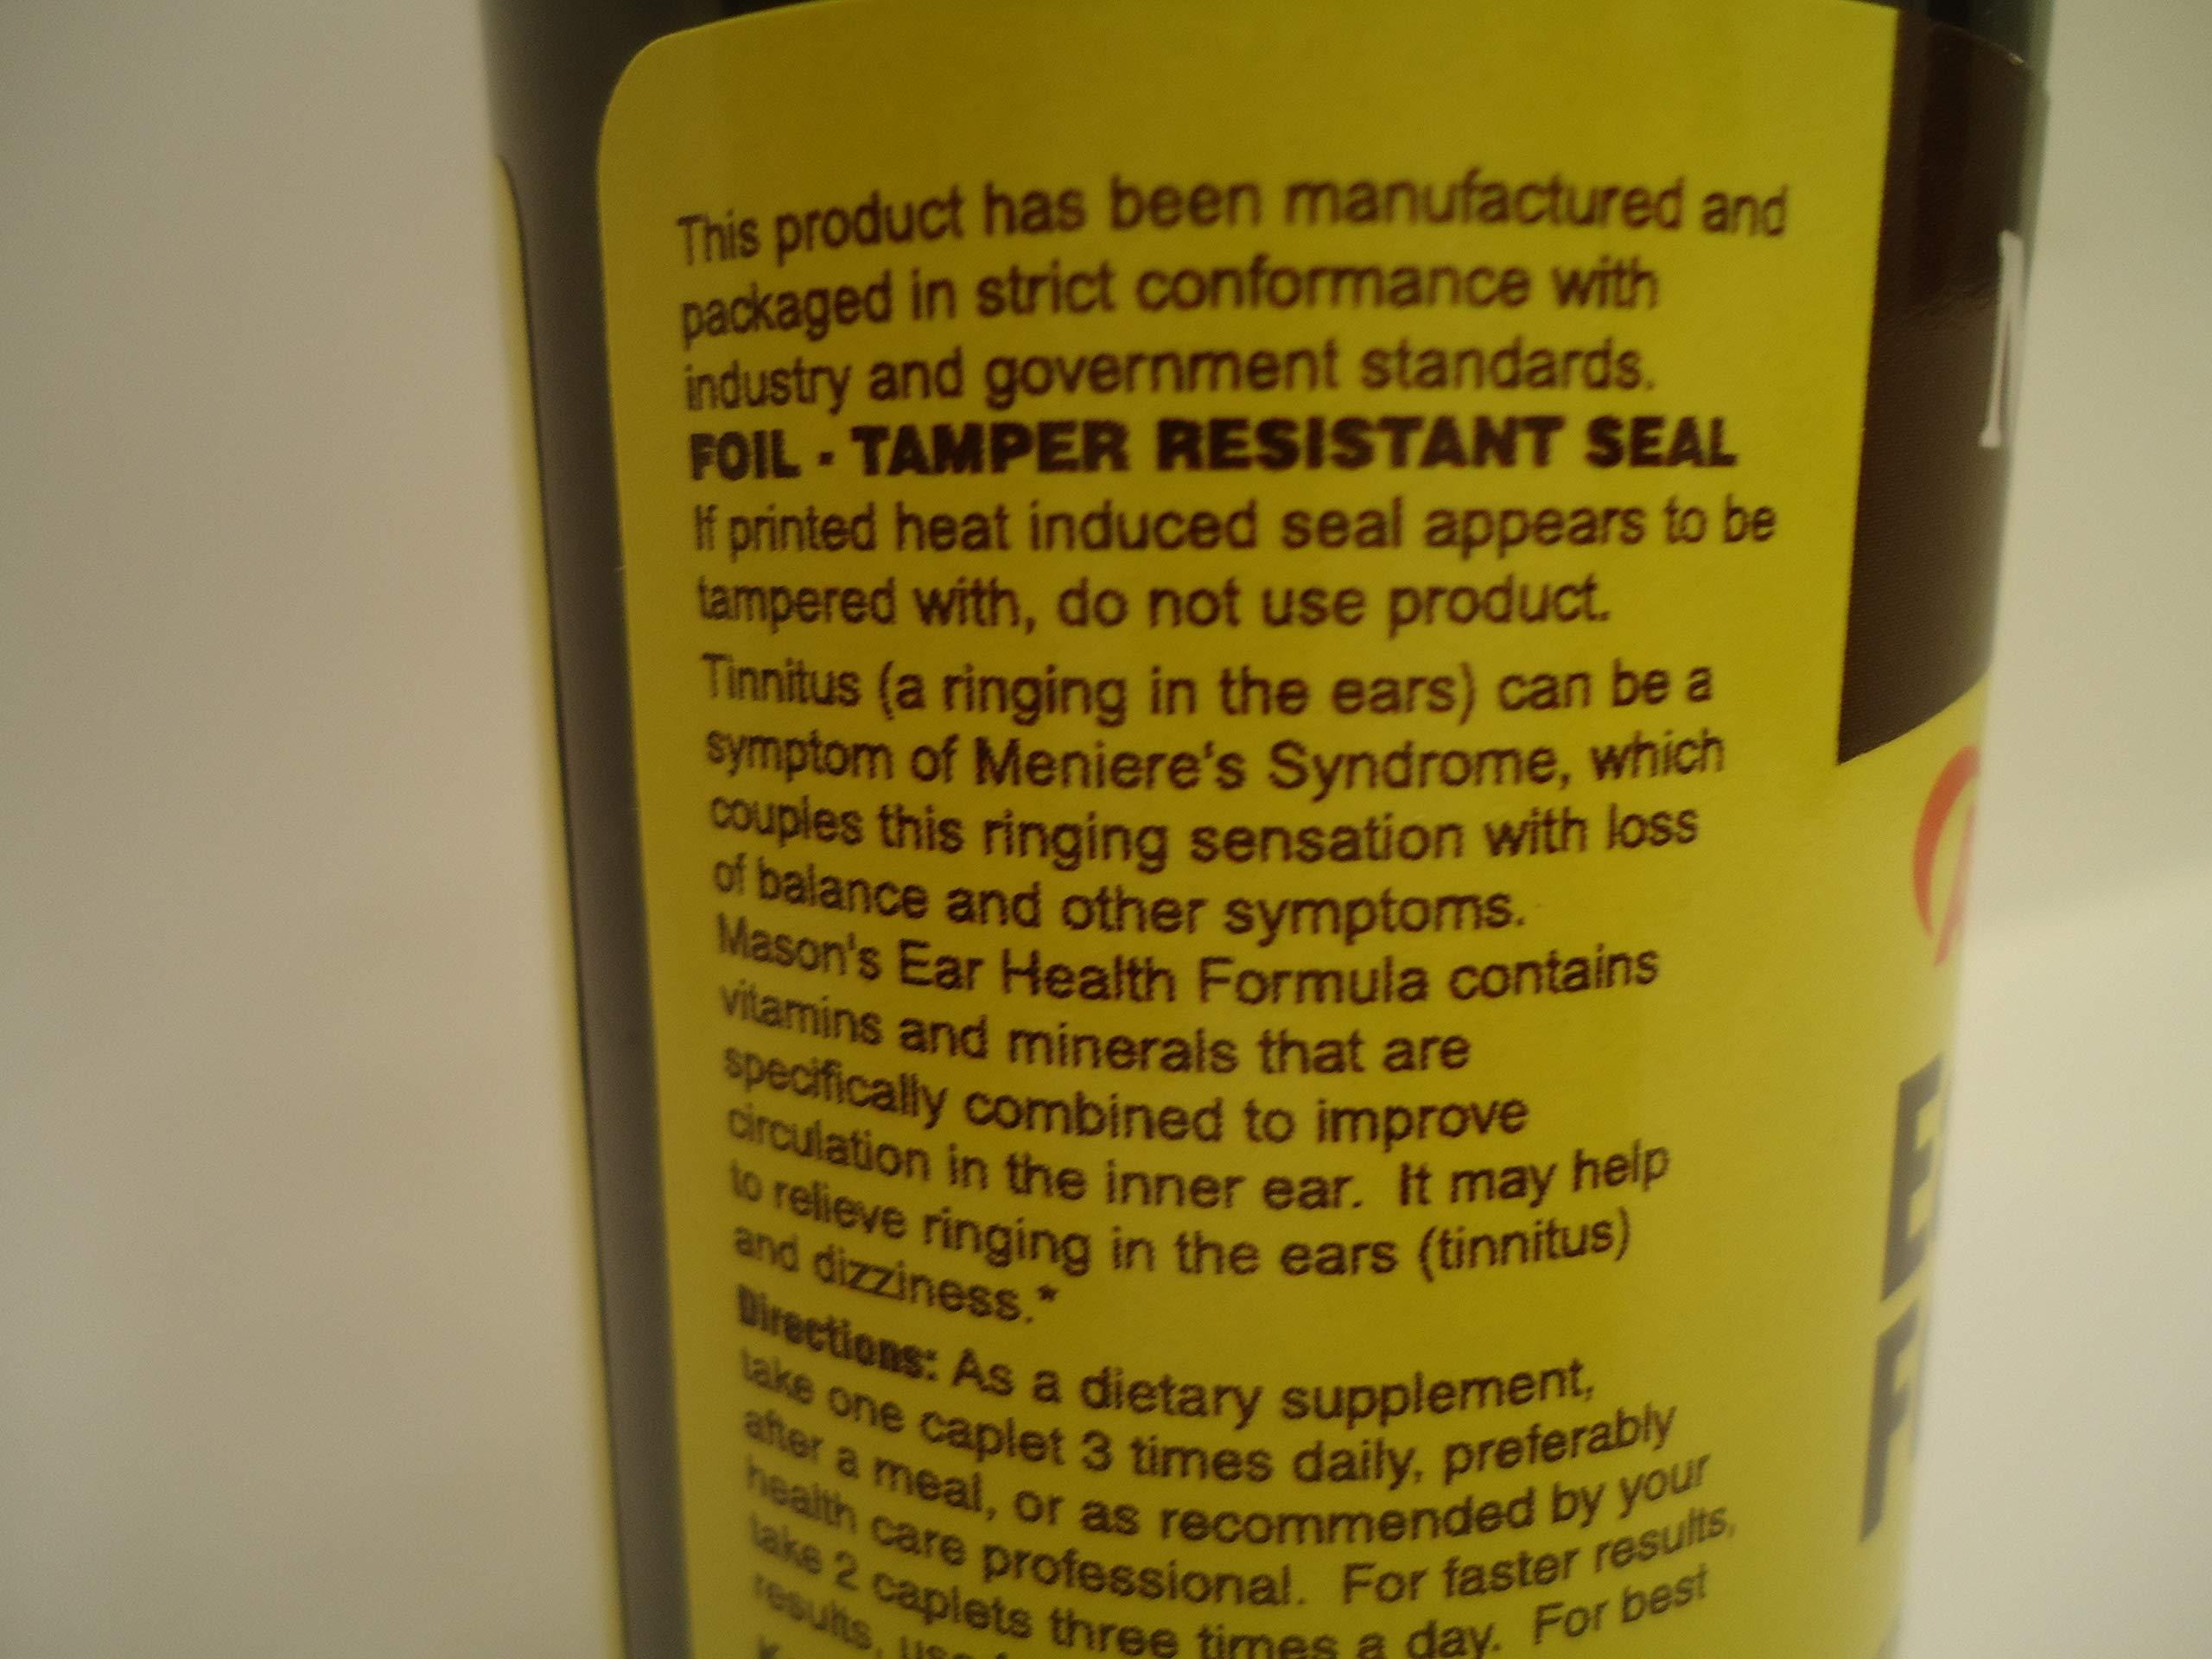 Mason Natural Advance Ear Health Formula Bioflavonoids Plus 100 Caplets per Bottle Pack of 4 Total 400 Caplets